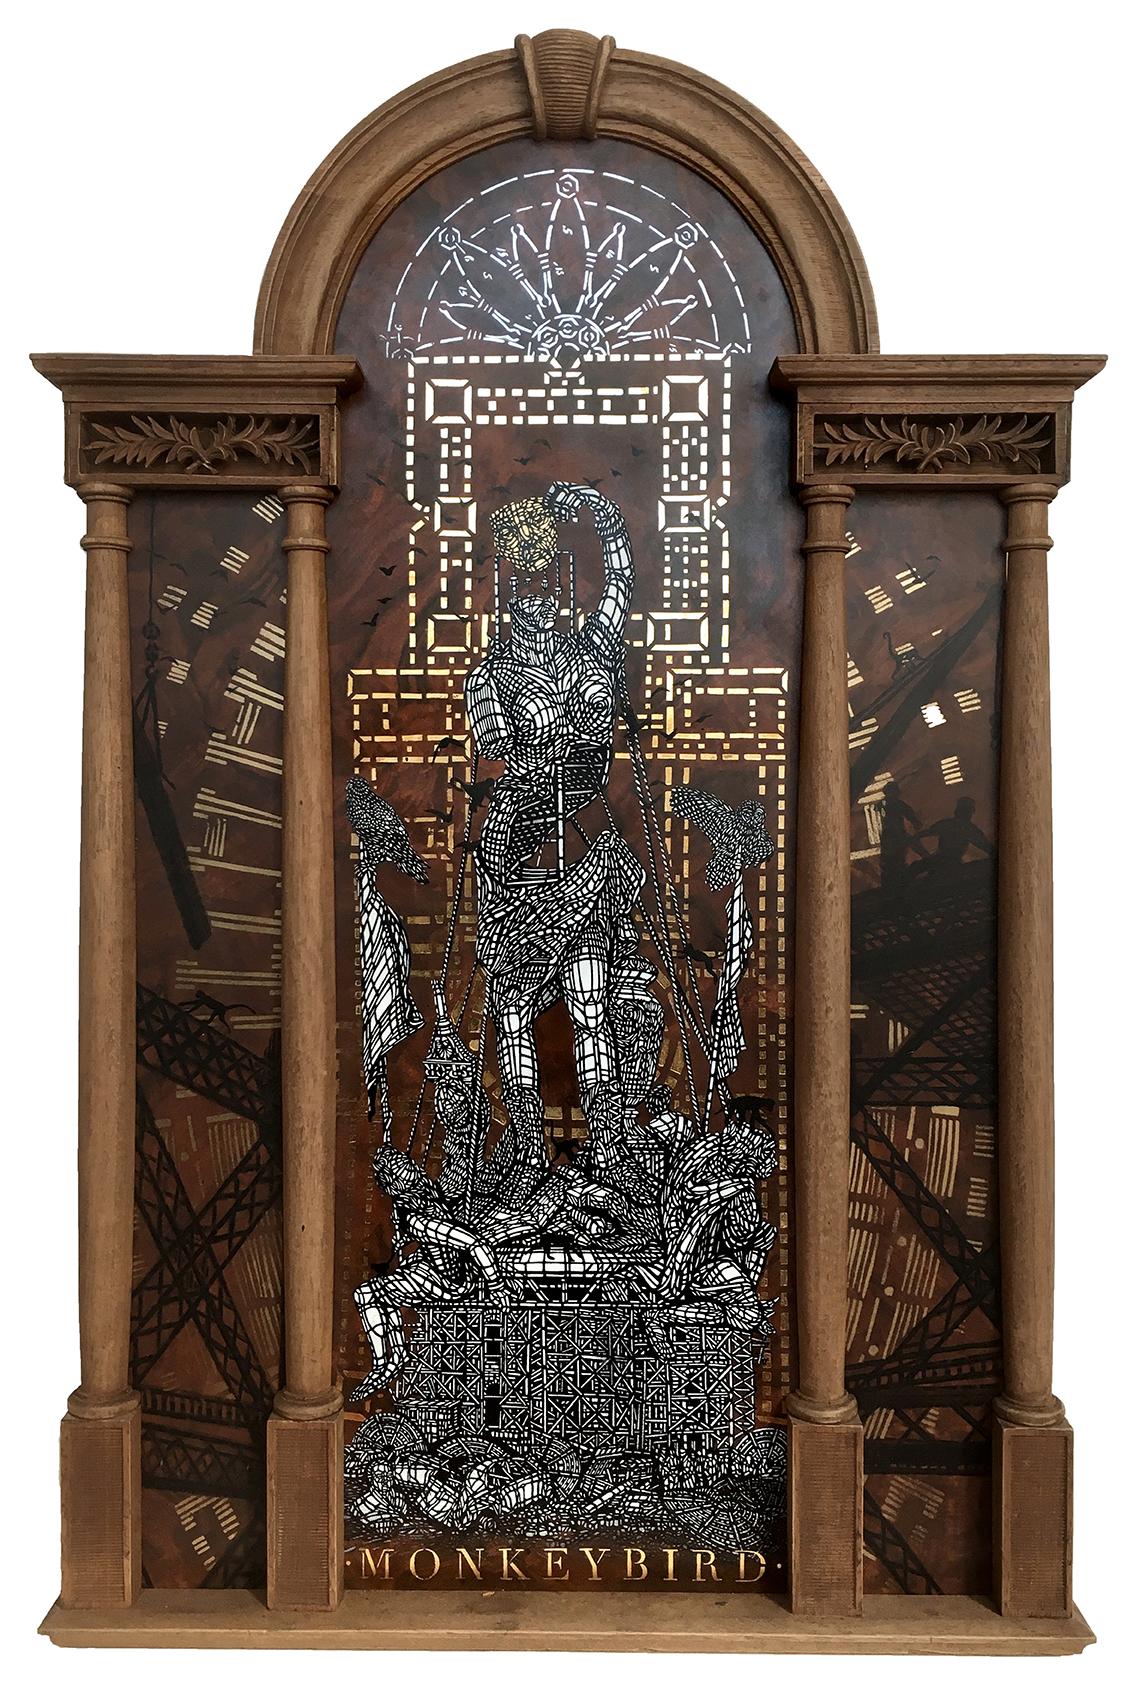 Monkeybird, Le Colosse aux pieds d'argile, 2018, pochoir et feuille d'or sur bois ancien et cadre ancien, 93 x 60 cm